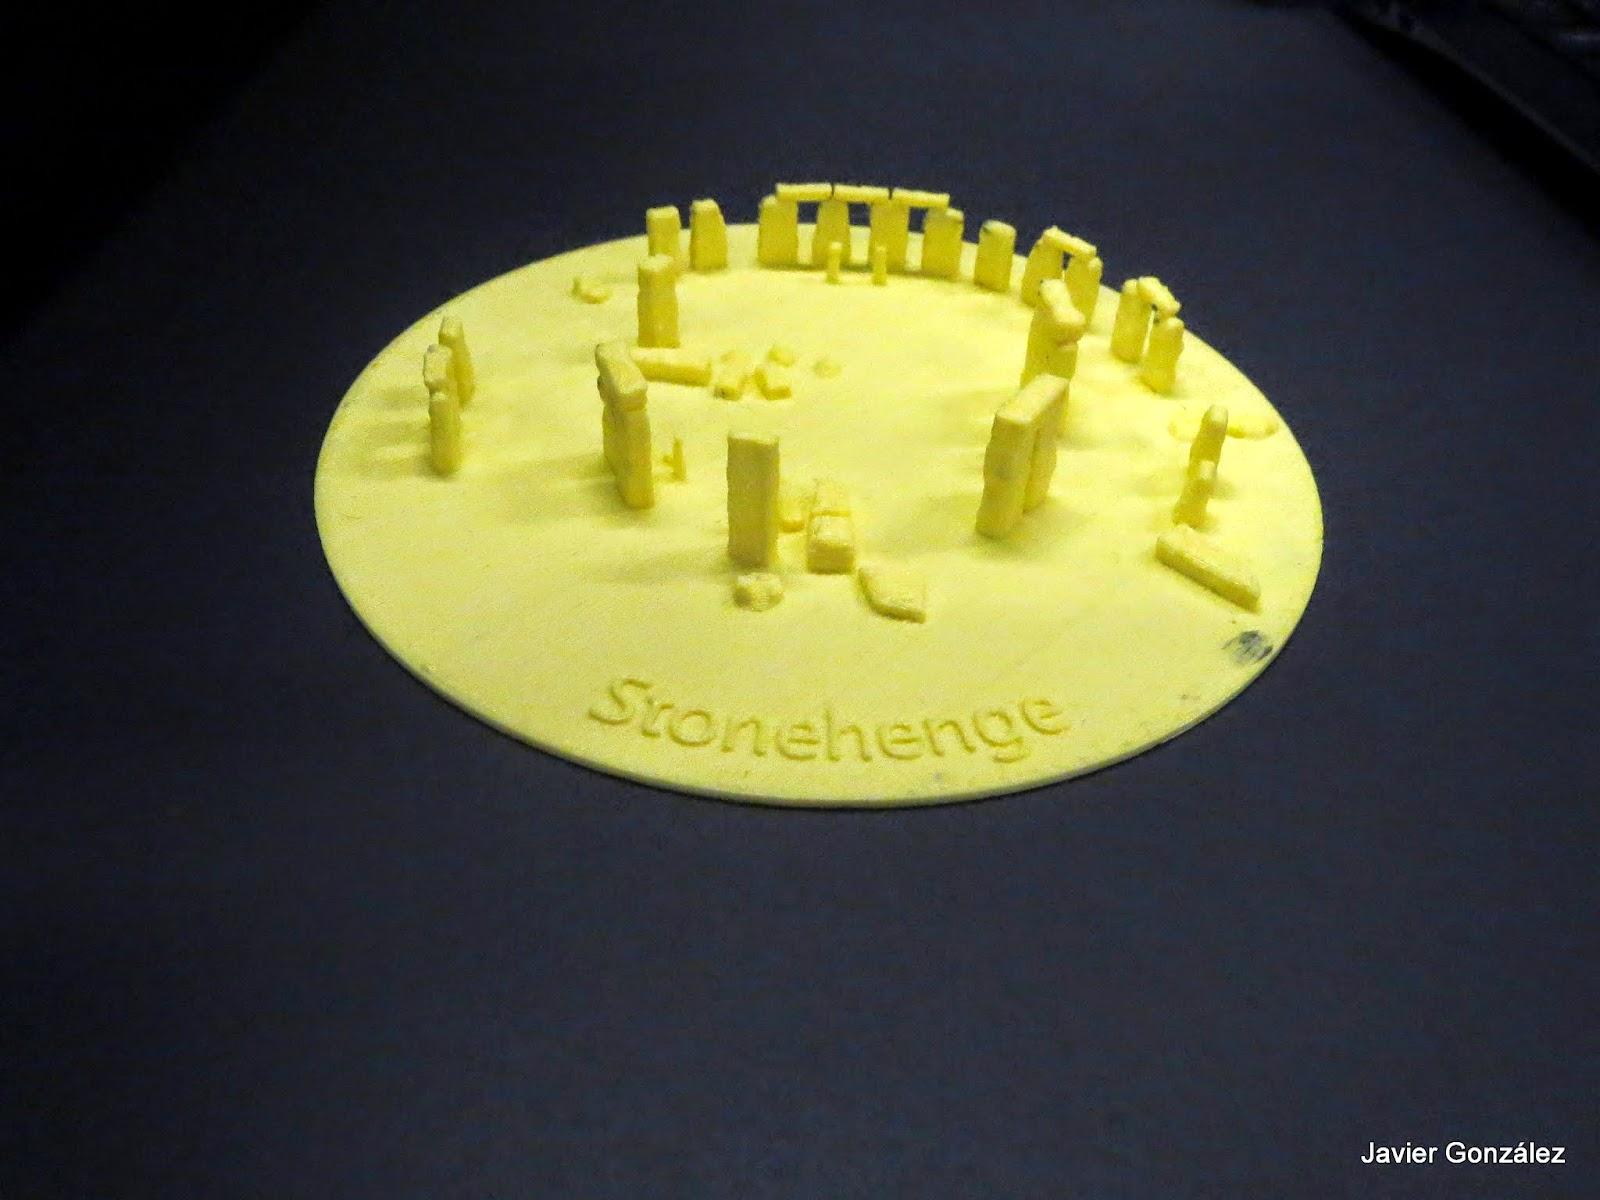 Stonehenge construido por una impresora 3D